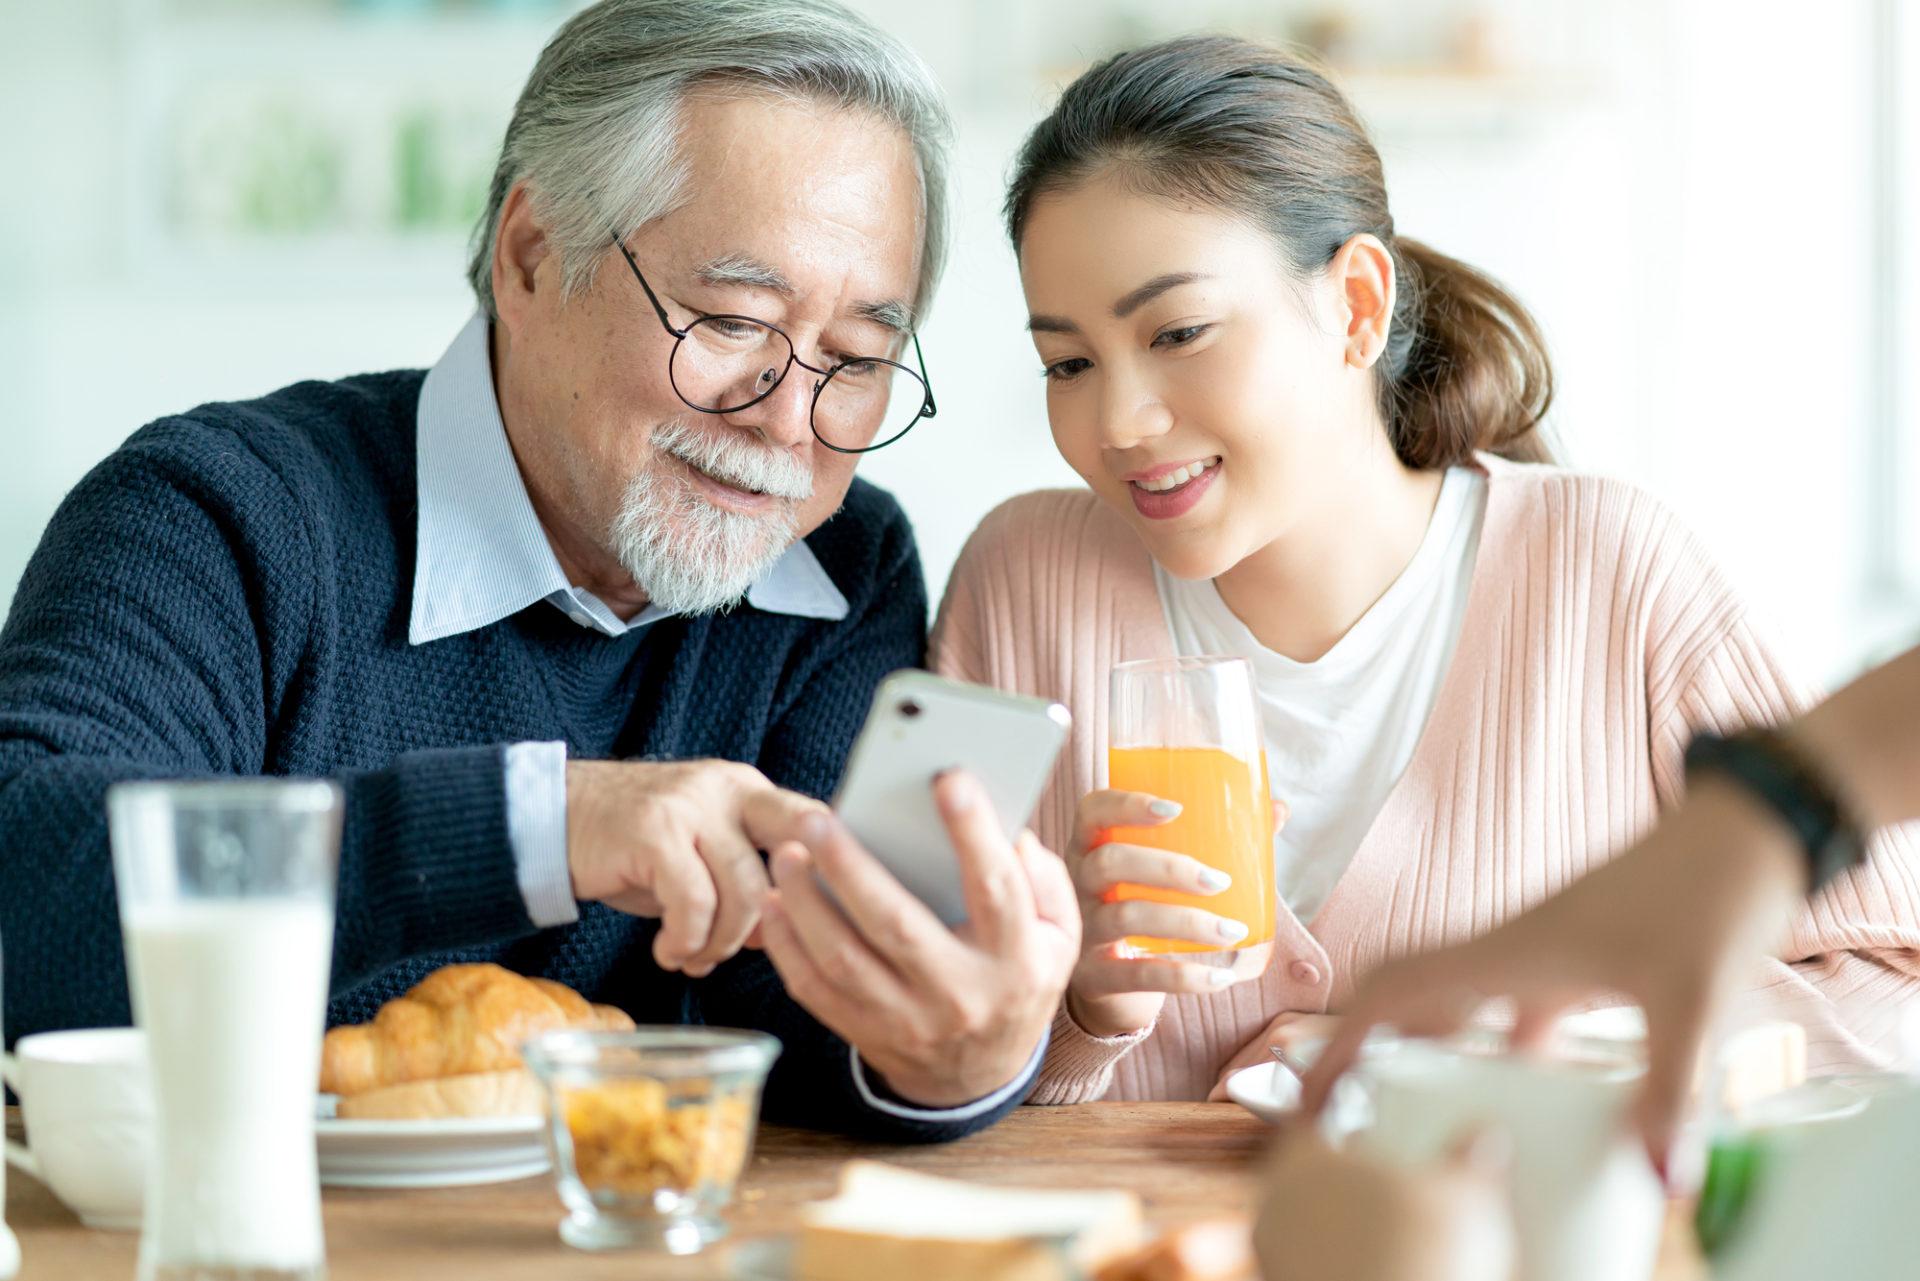 孫とスマートフォンを見るシニア